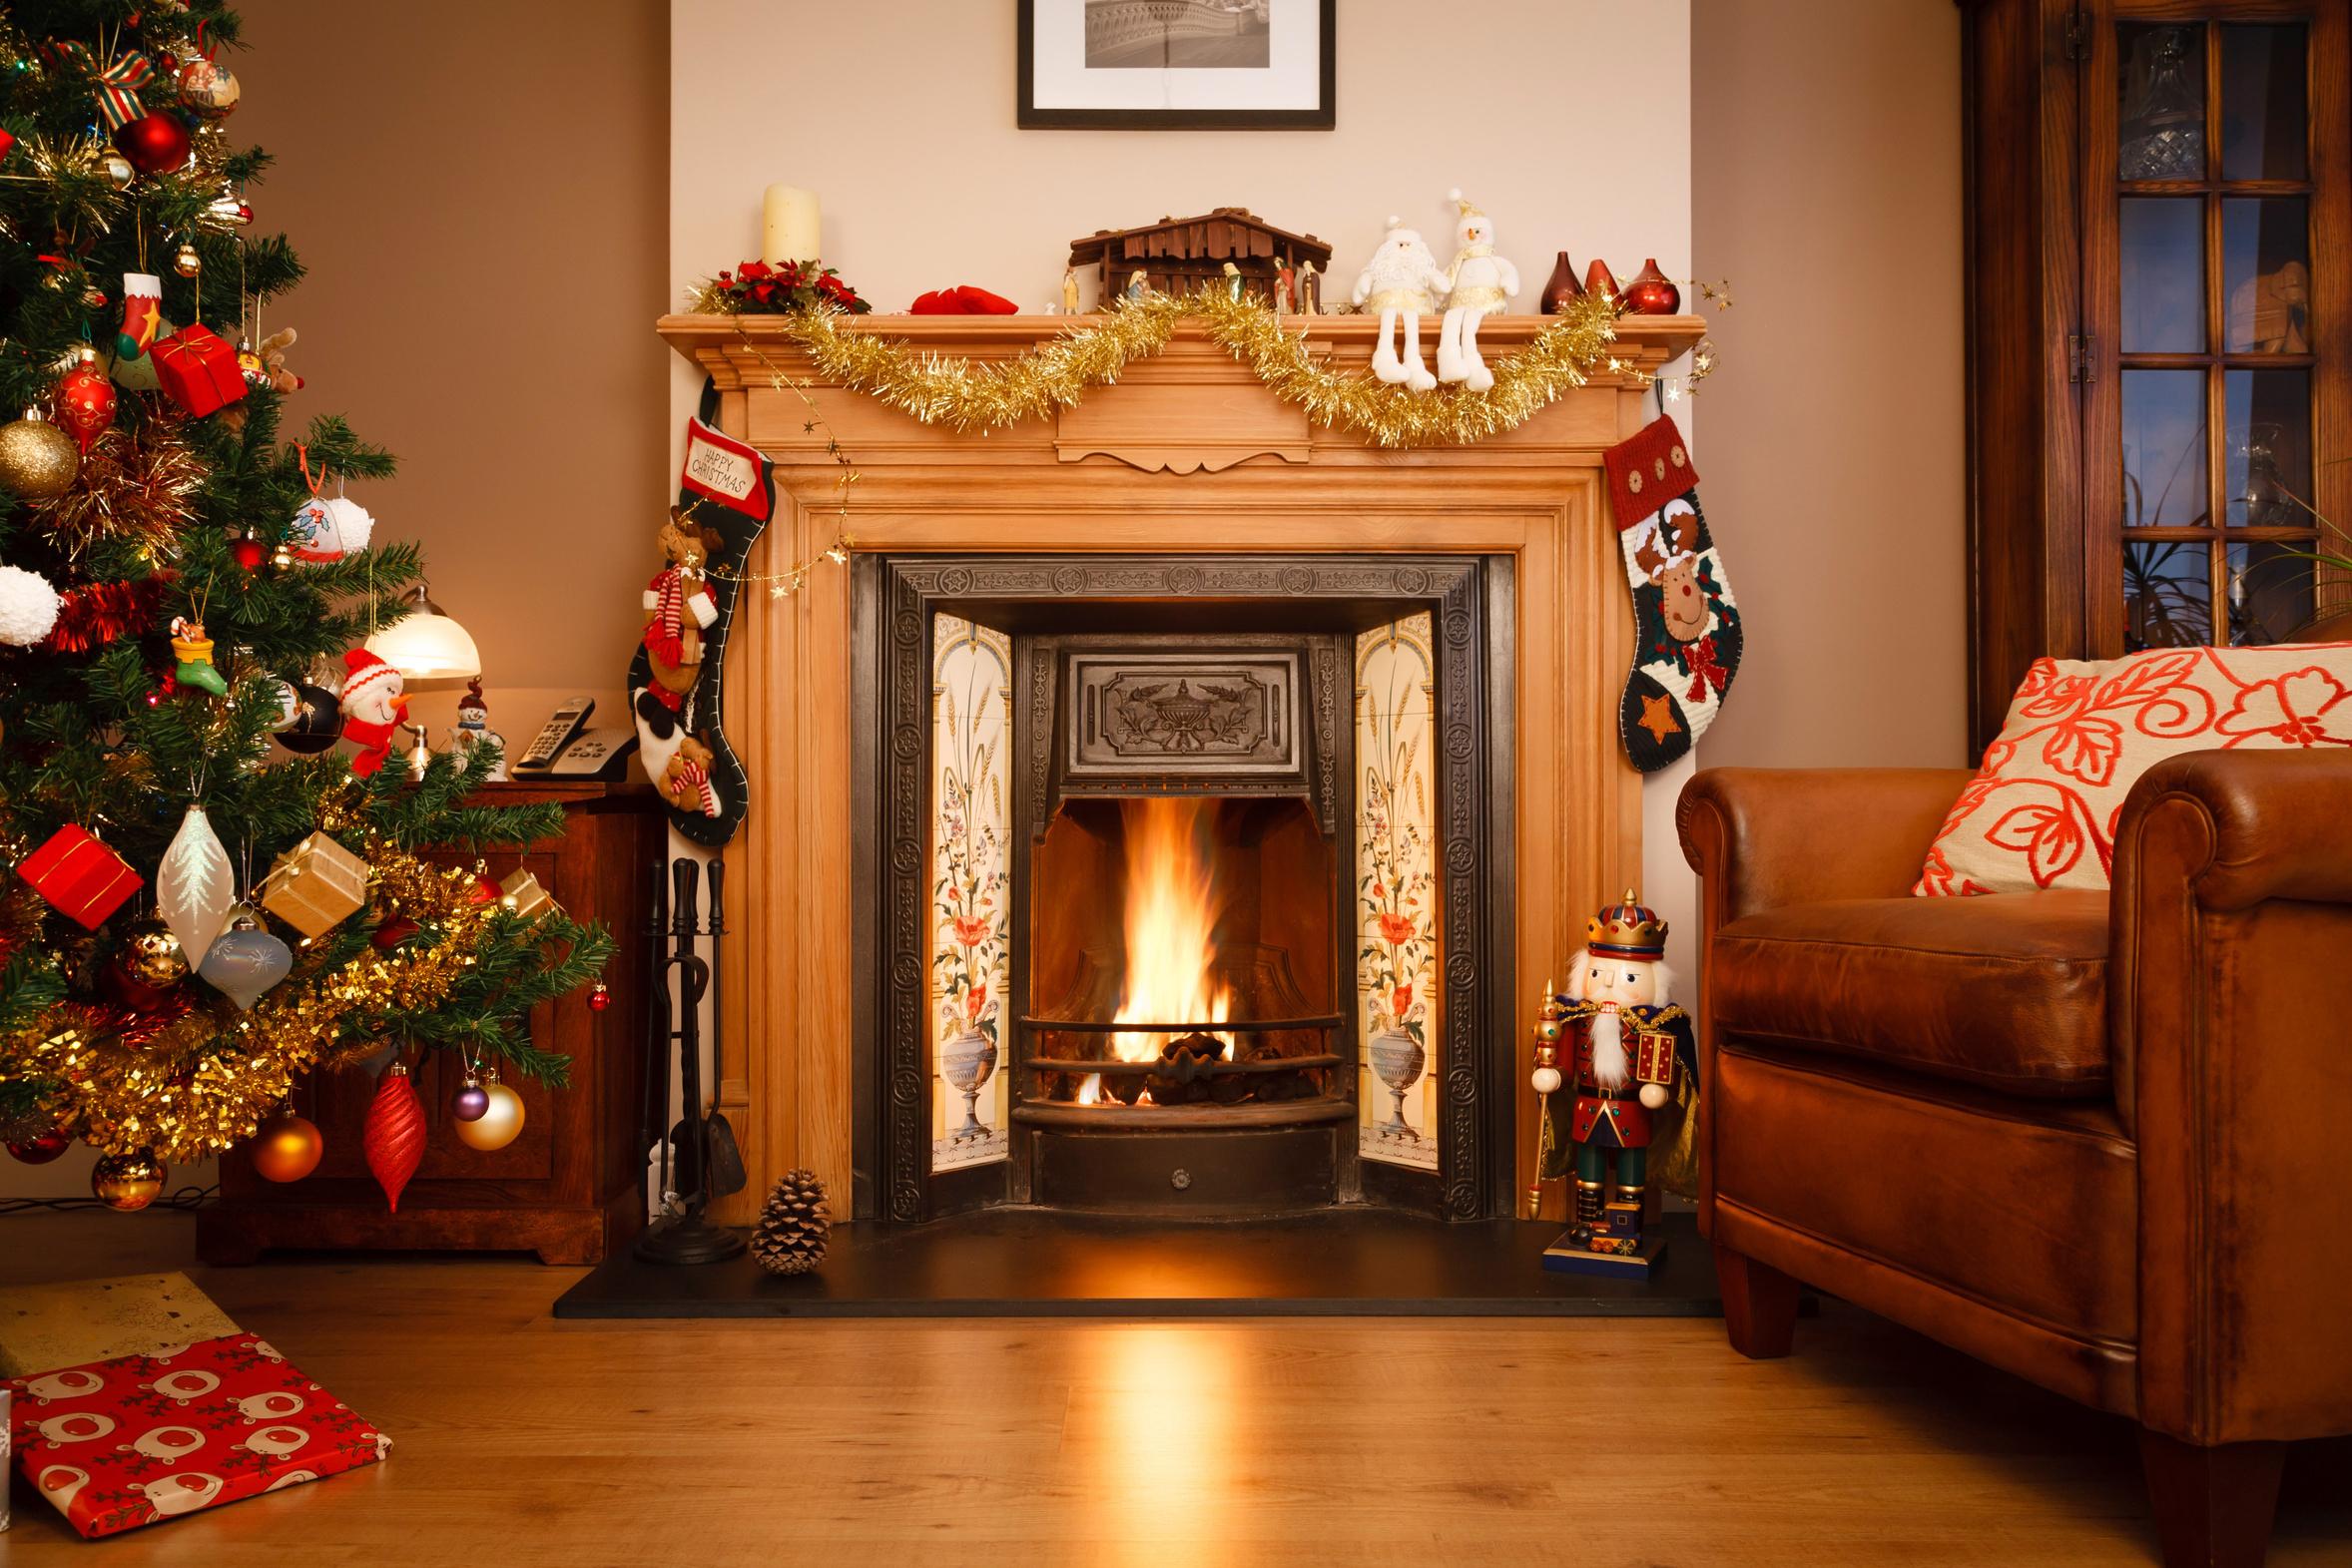 Christmastree_Firepl_LR.jpeg